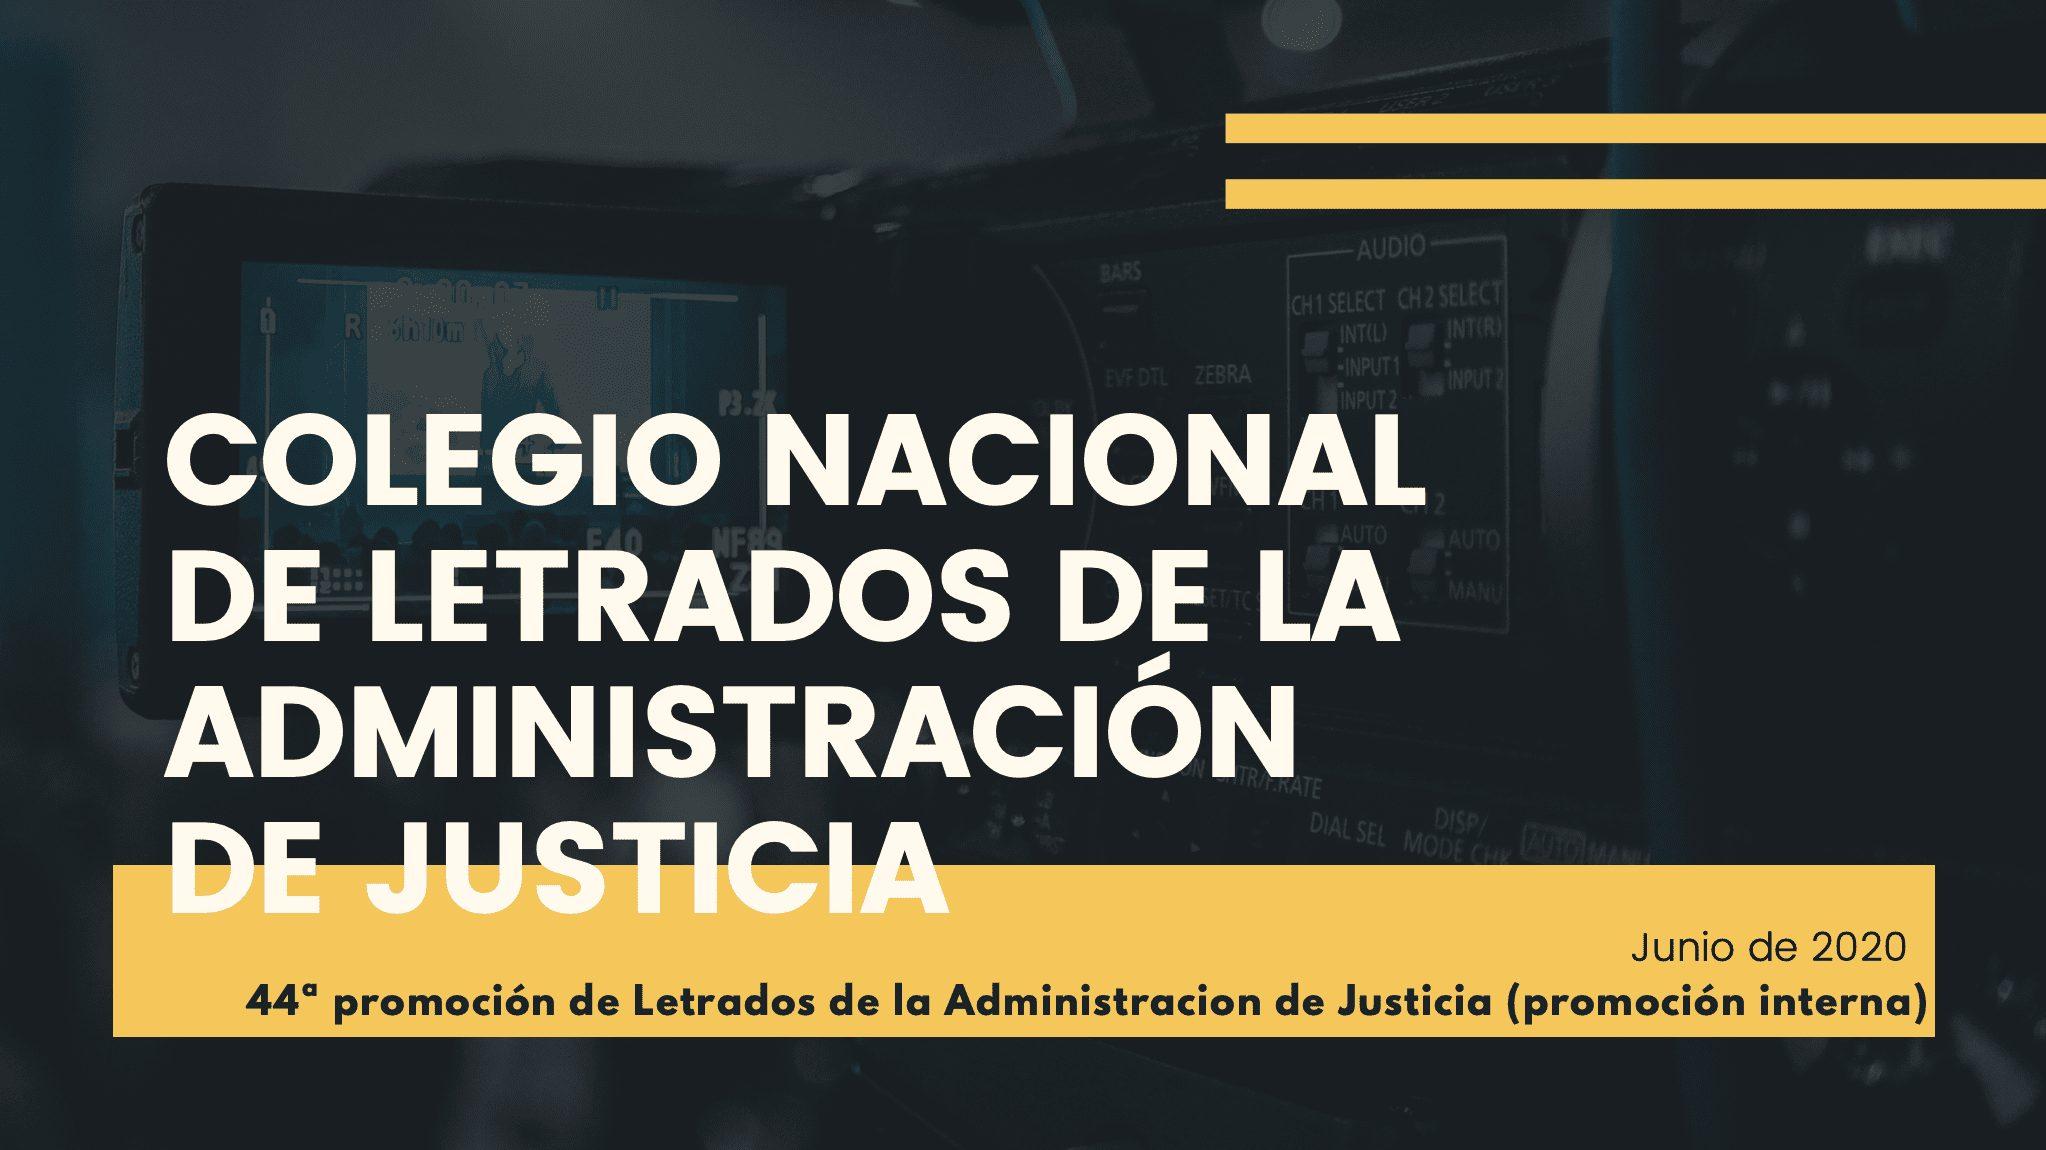 Letrados administracion justicia 44 promoción interna